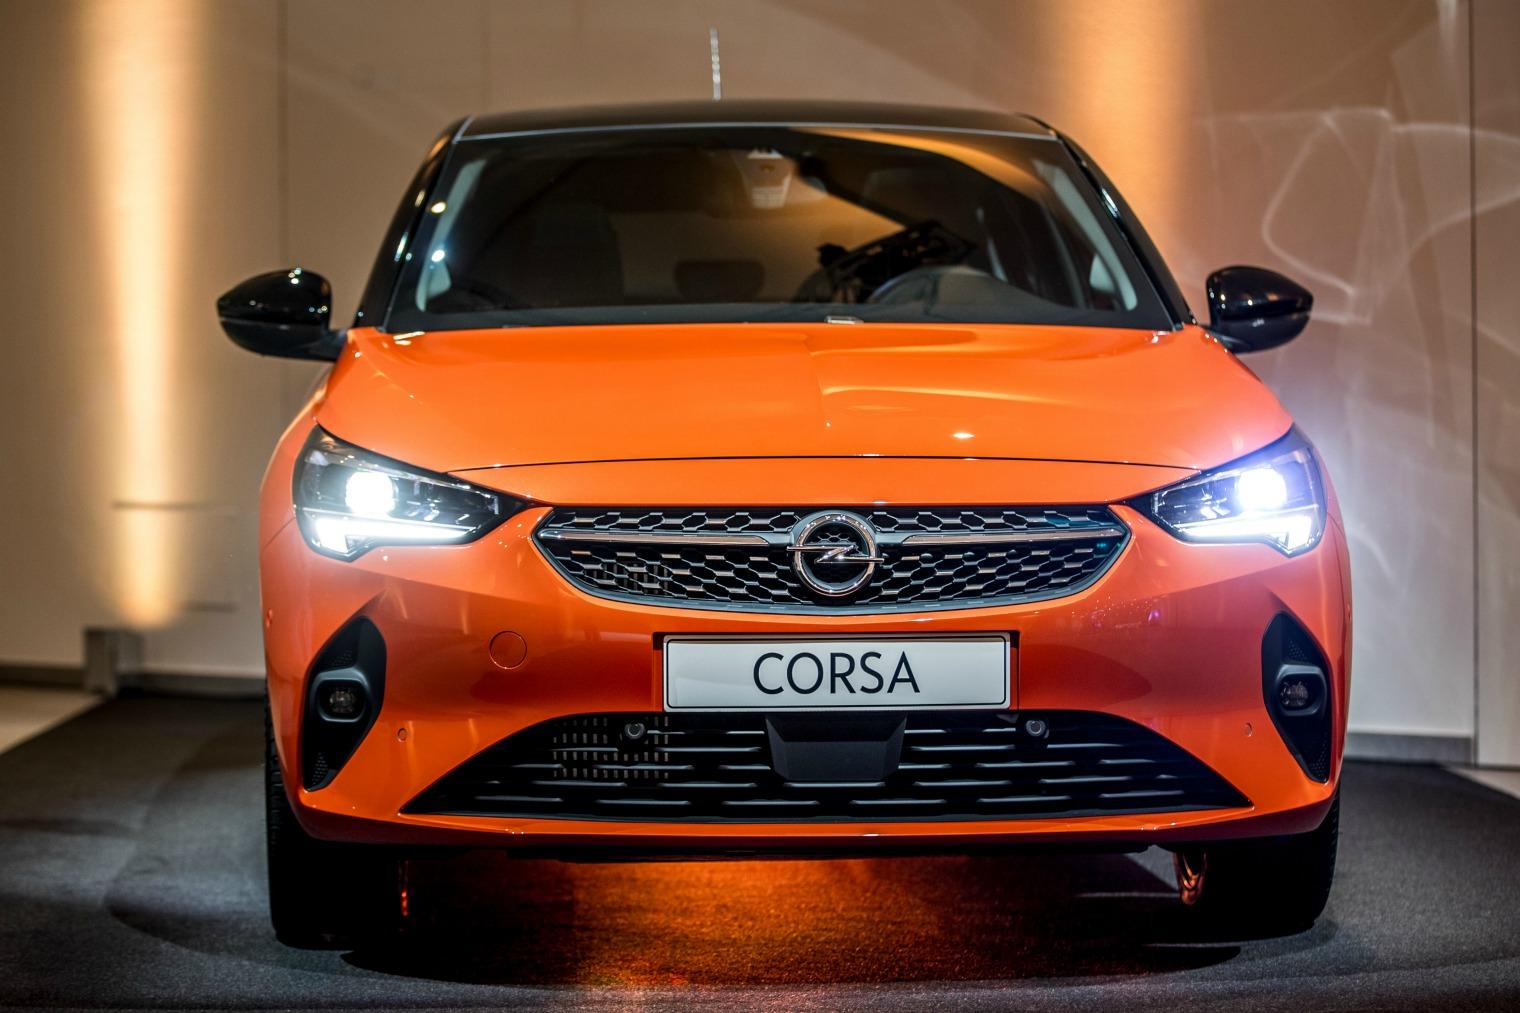 Fari nuova Opel Corsa 2020